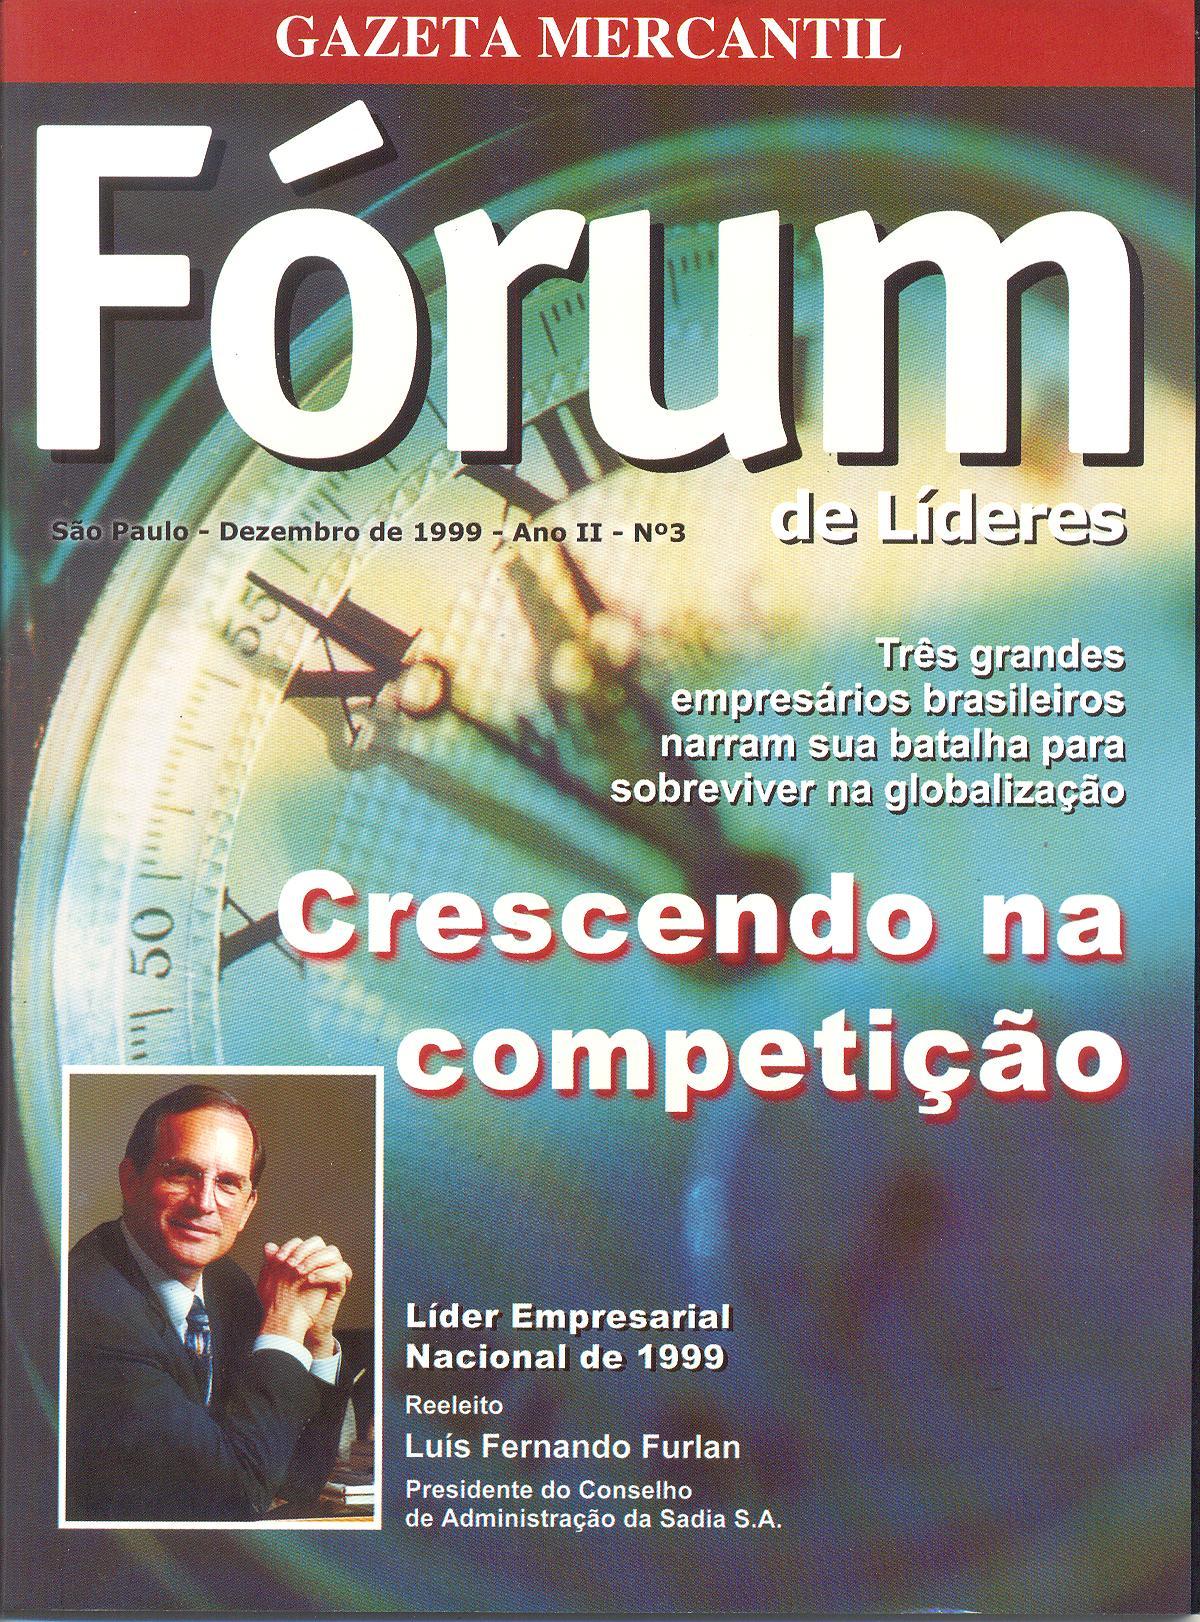 Reportagem na Revista Fórum da Gazeta Mercantil